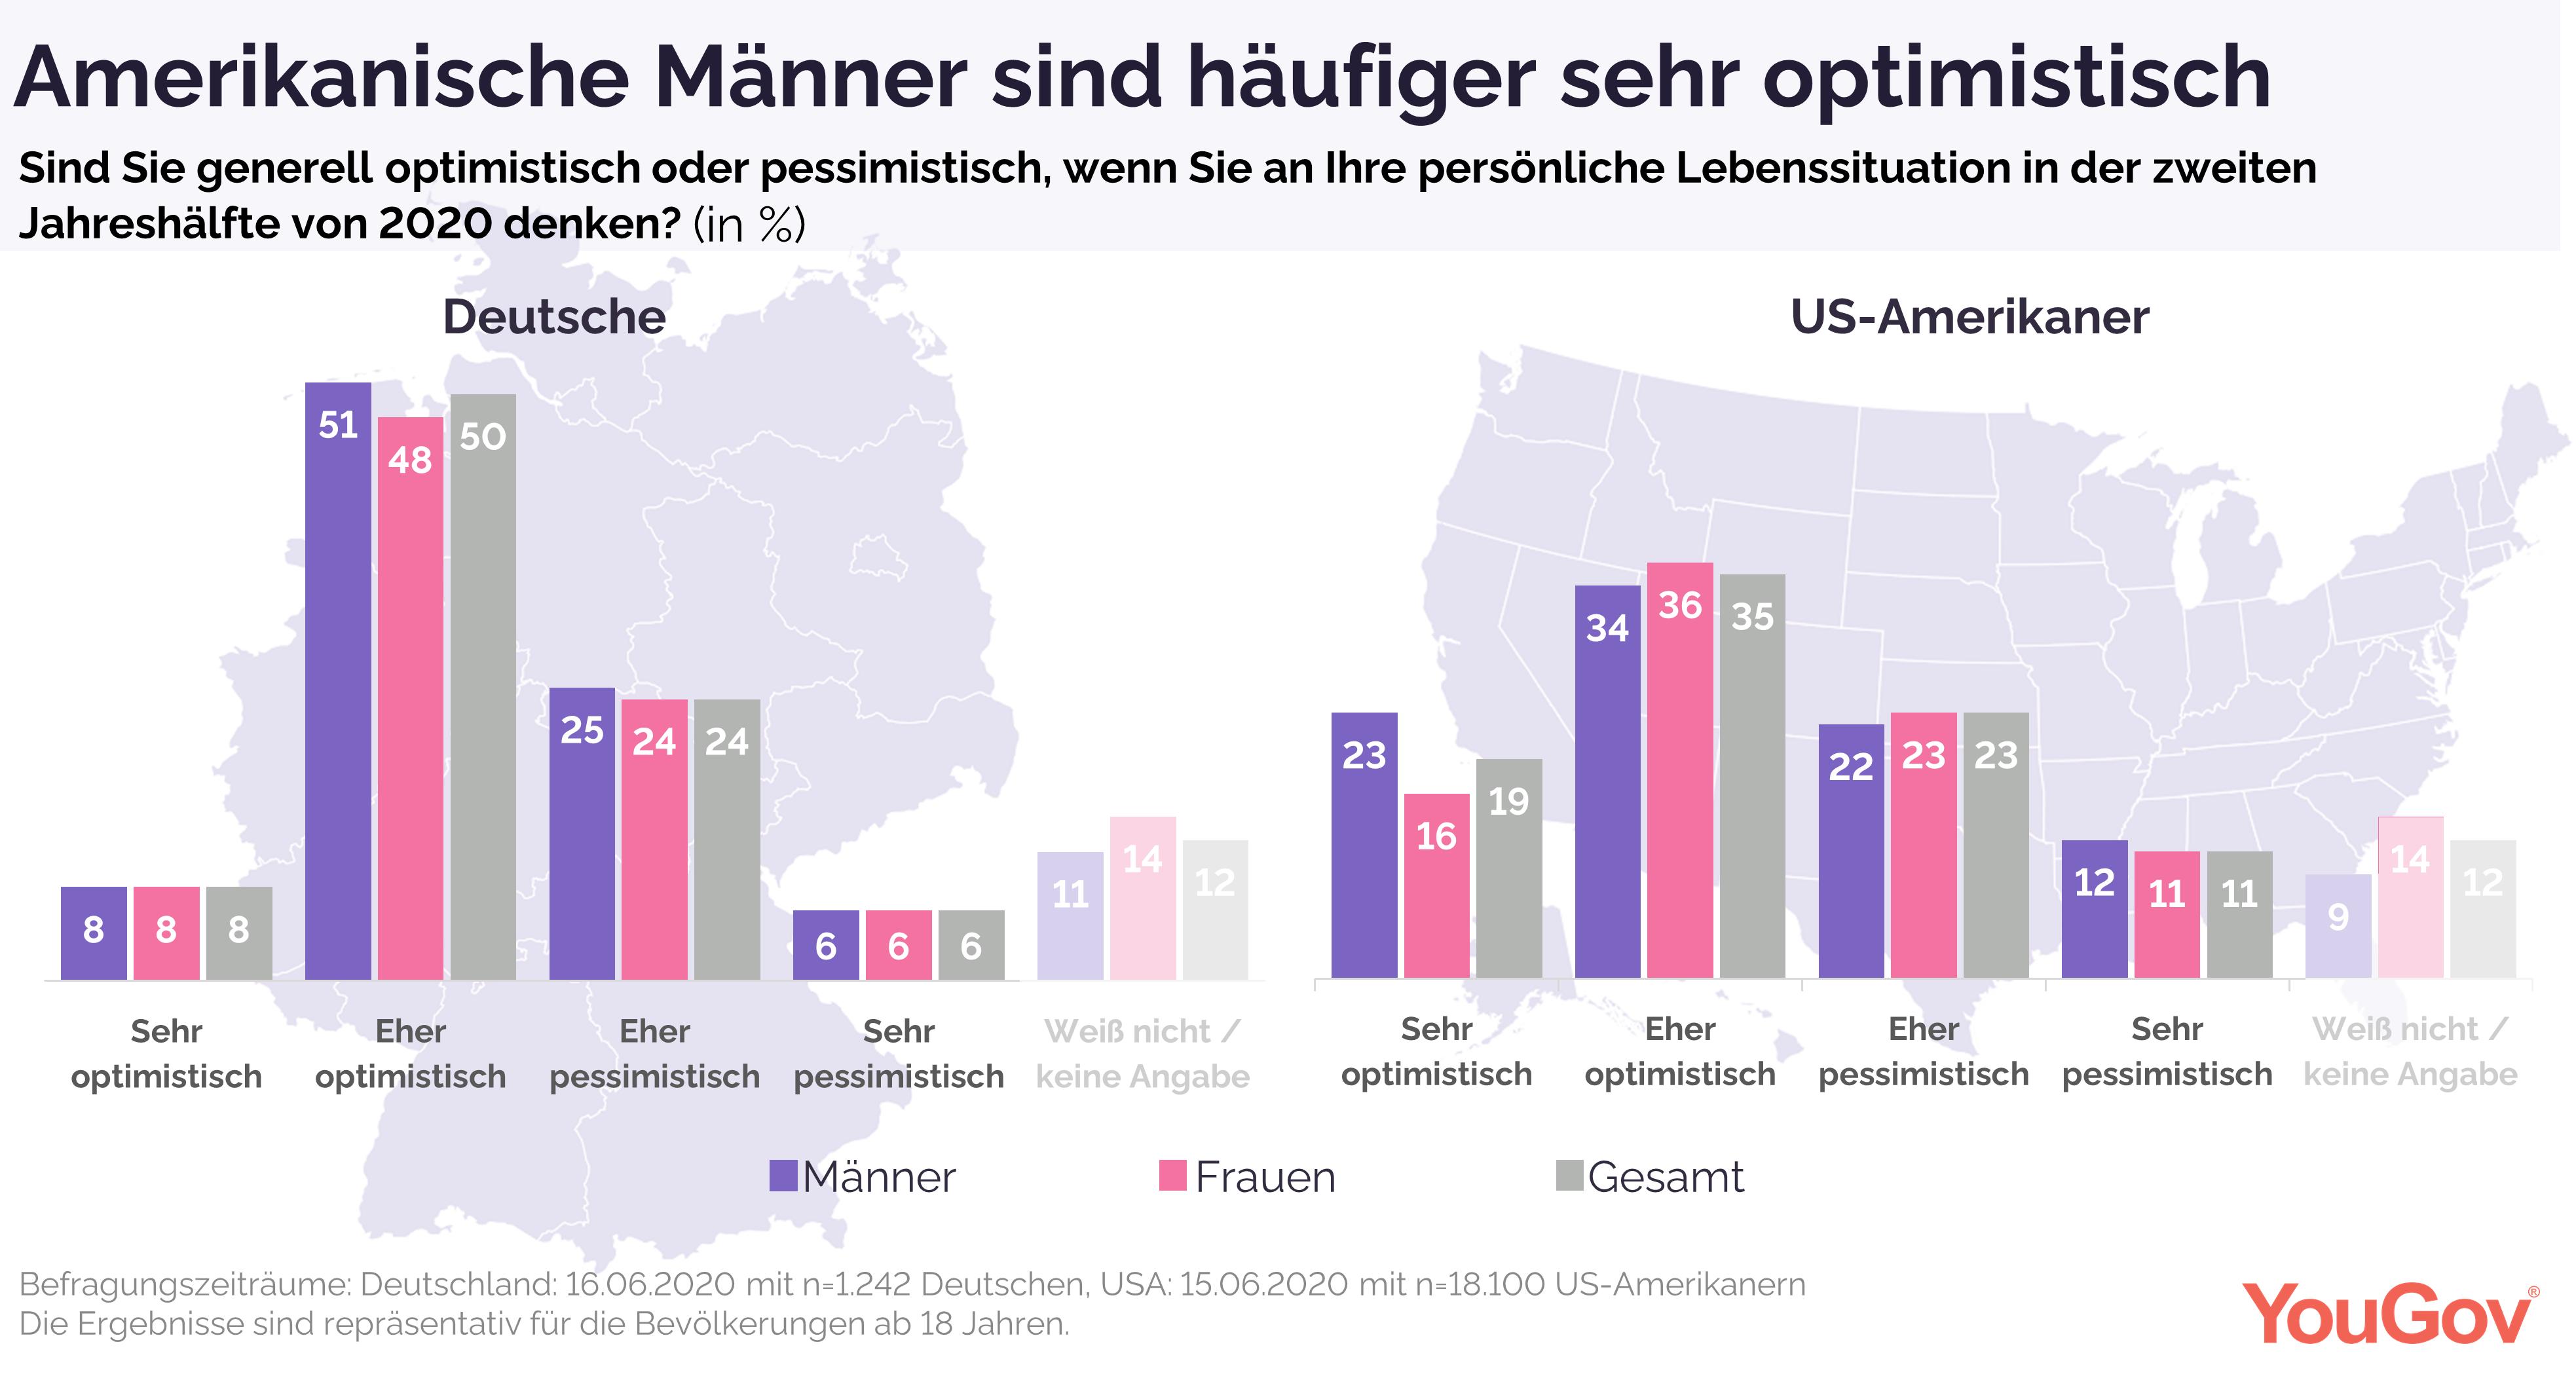 Amerikanische Männer sind am häufigsten optimistisch